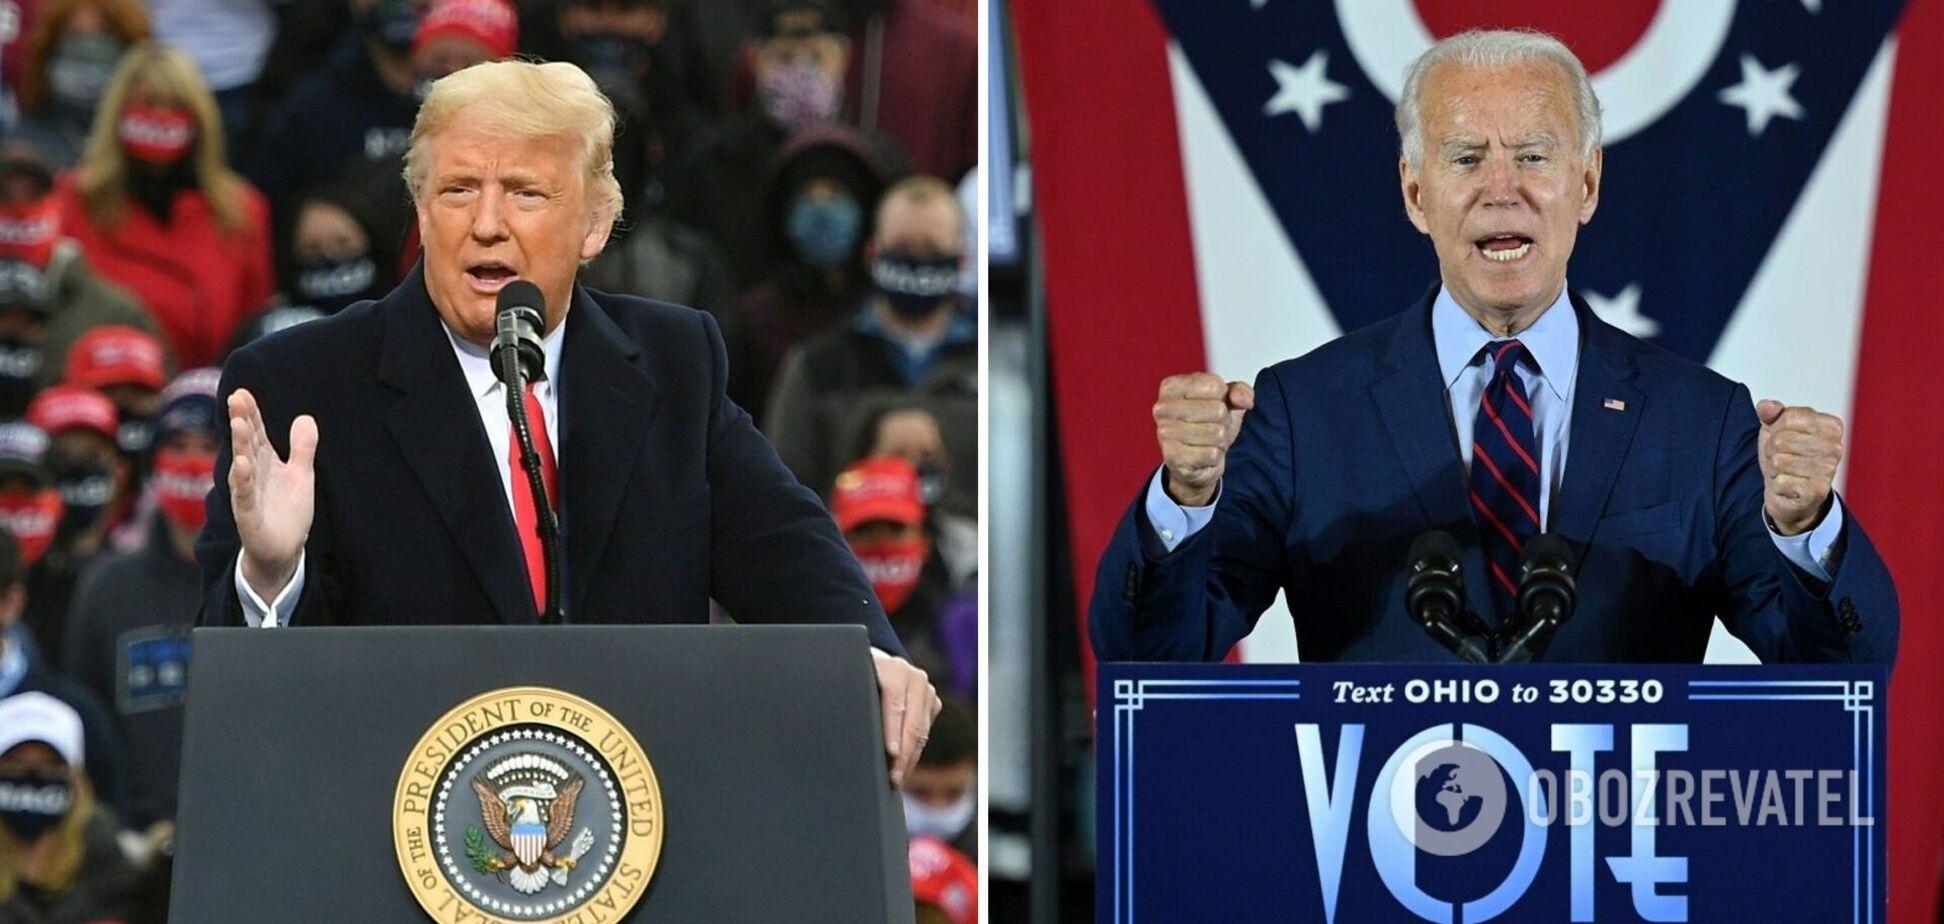 Дональд Трамп может проиграть выборы президента США